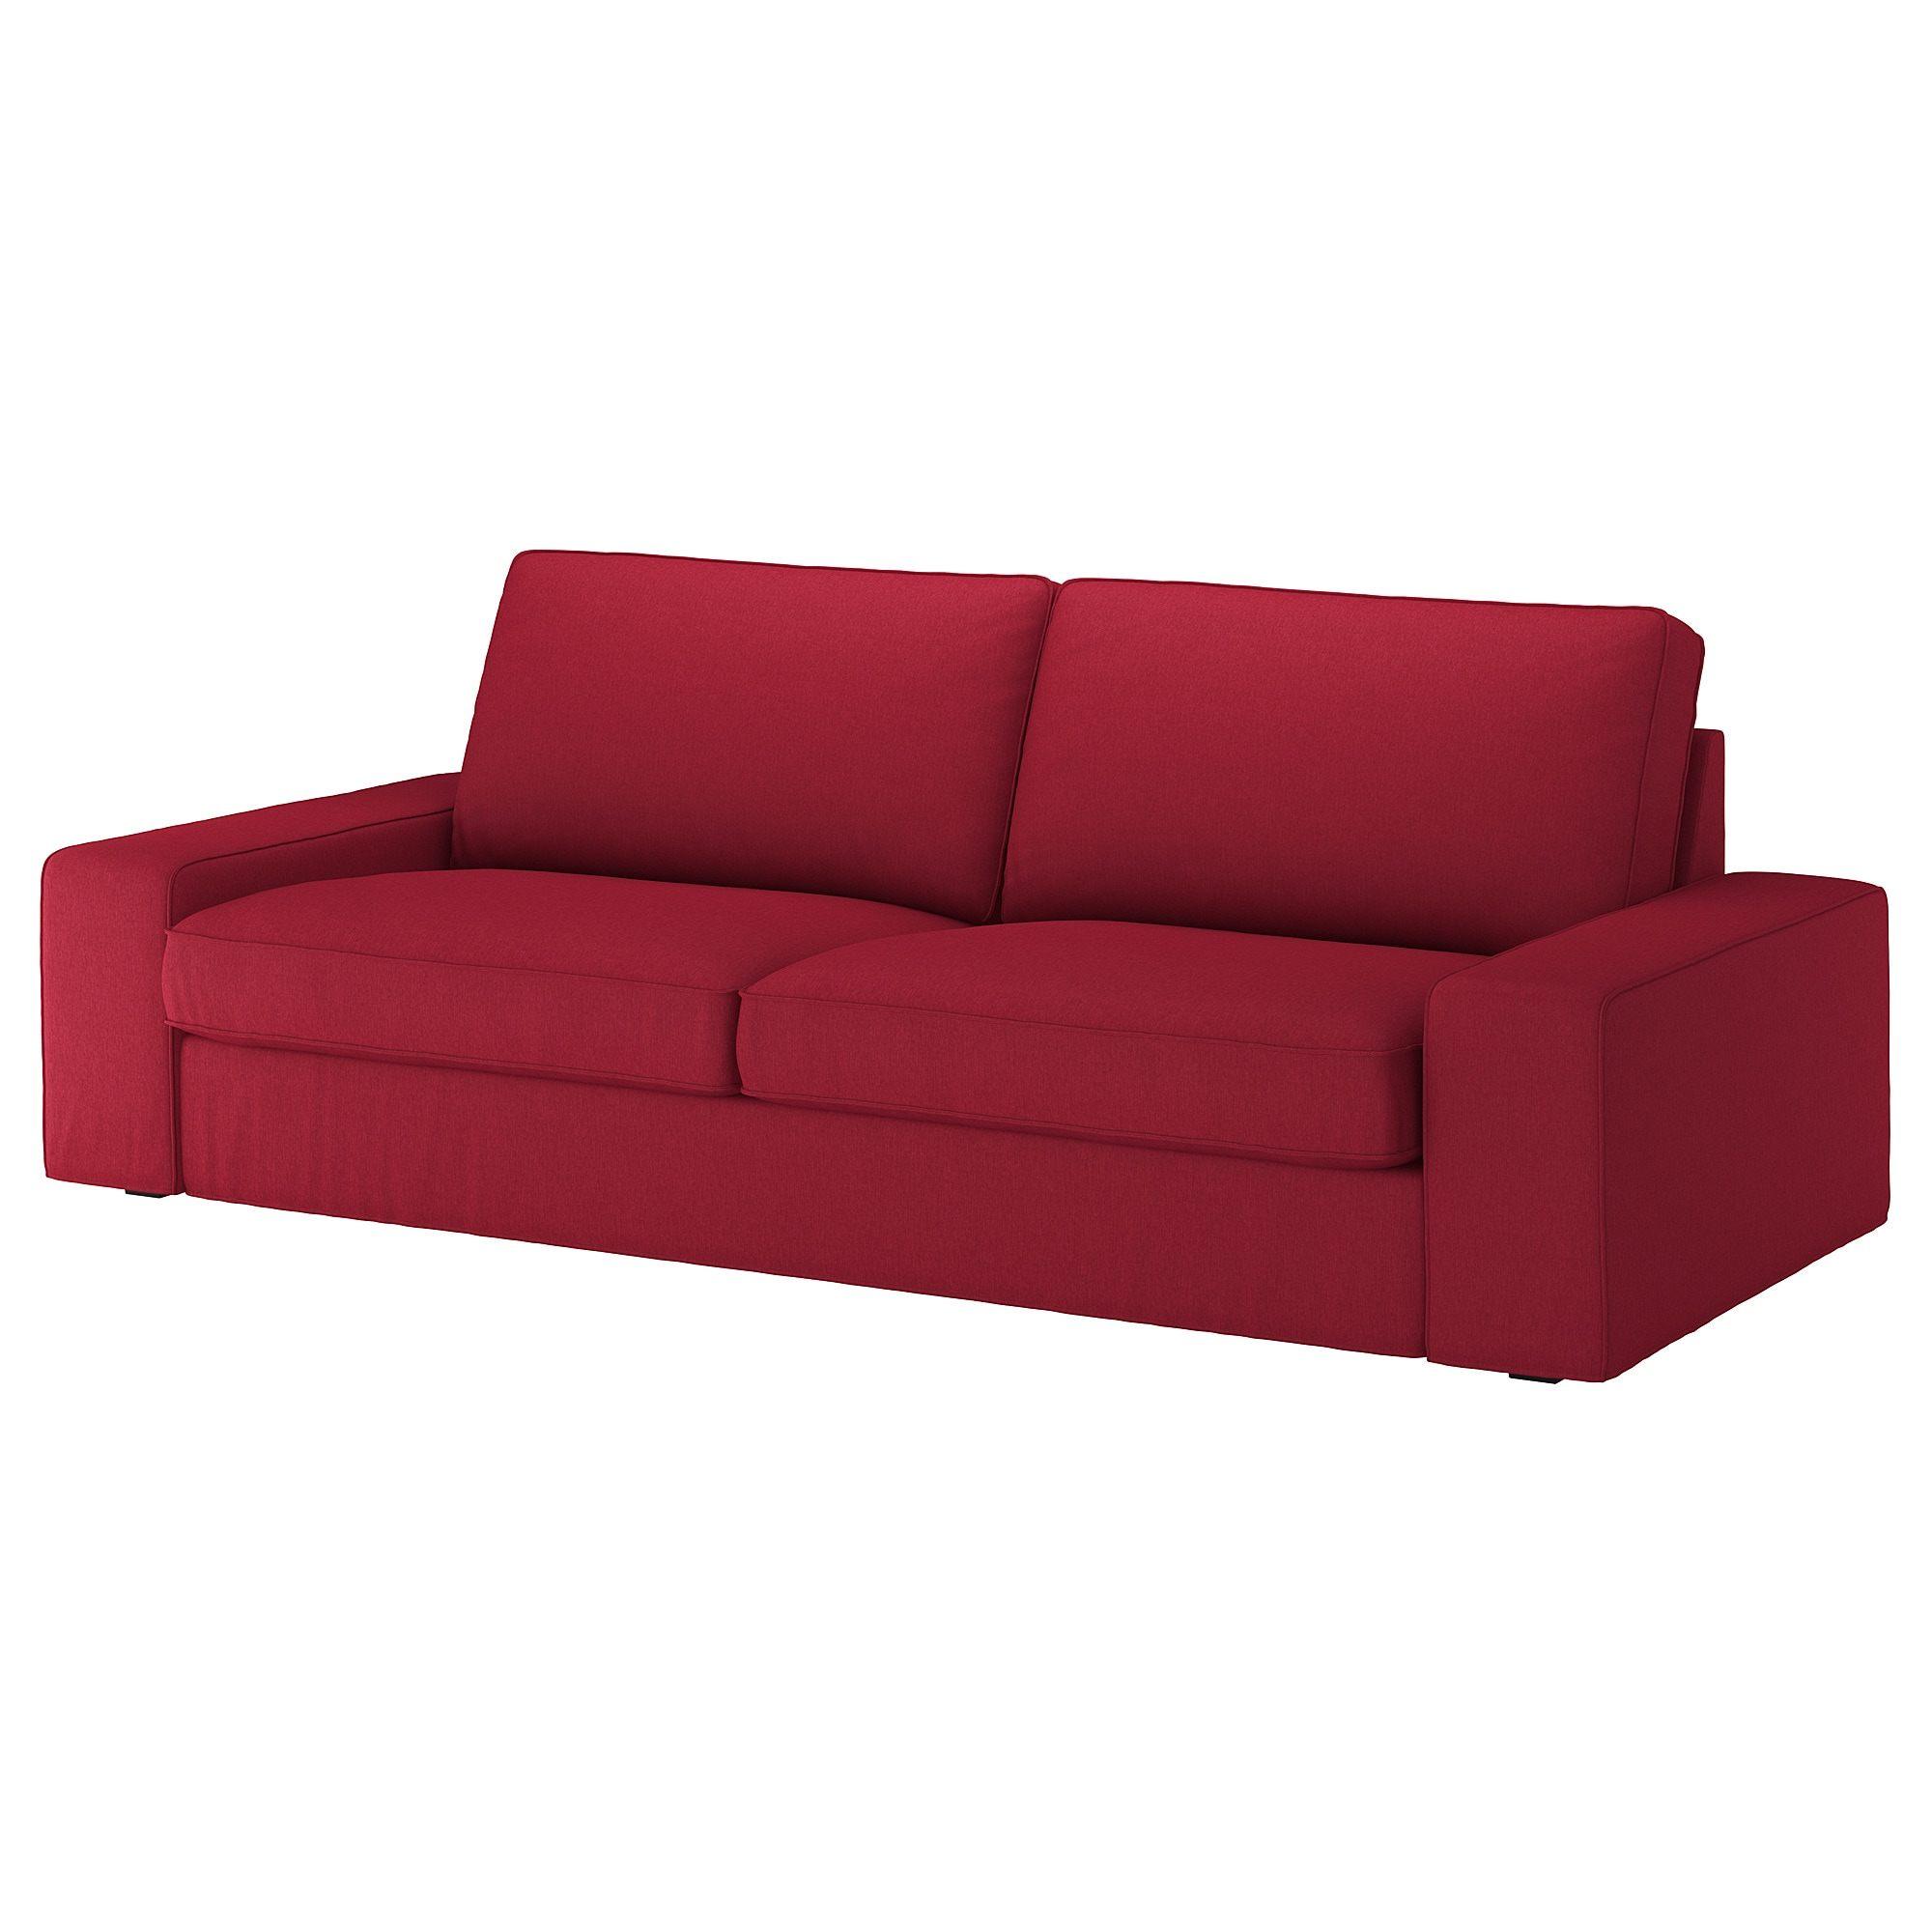 Lit Superposé Ikea 3 Places Luxe Joli Canapé Lit Rouge Avec Kivik Canapé 3 Places orrsta Rouge Ikea